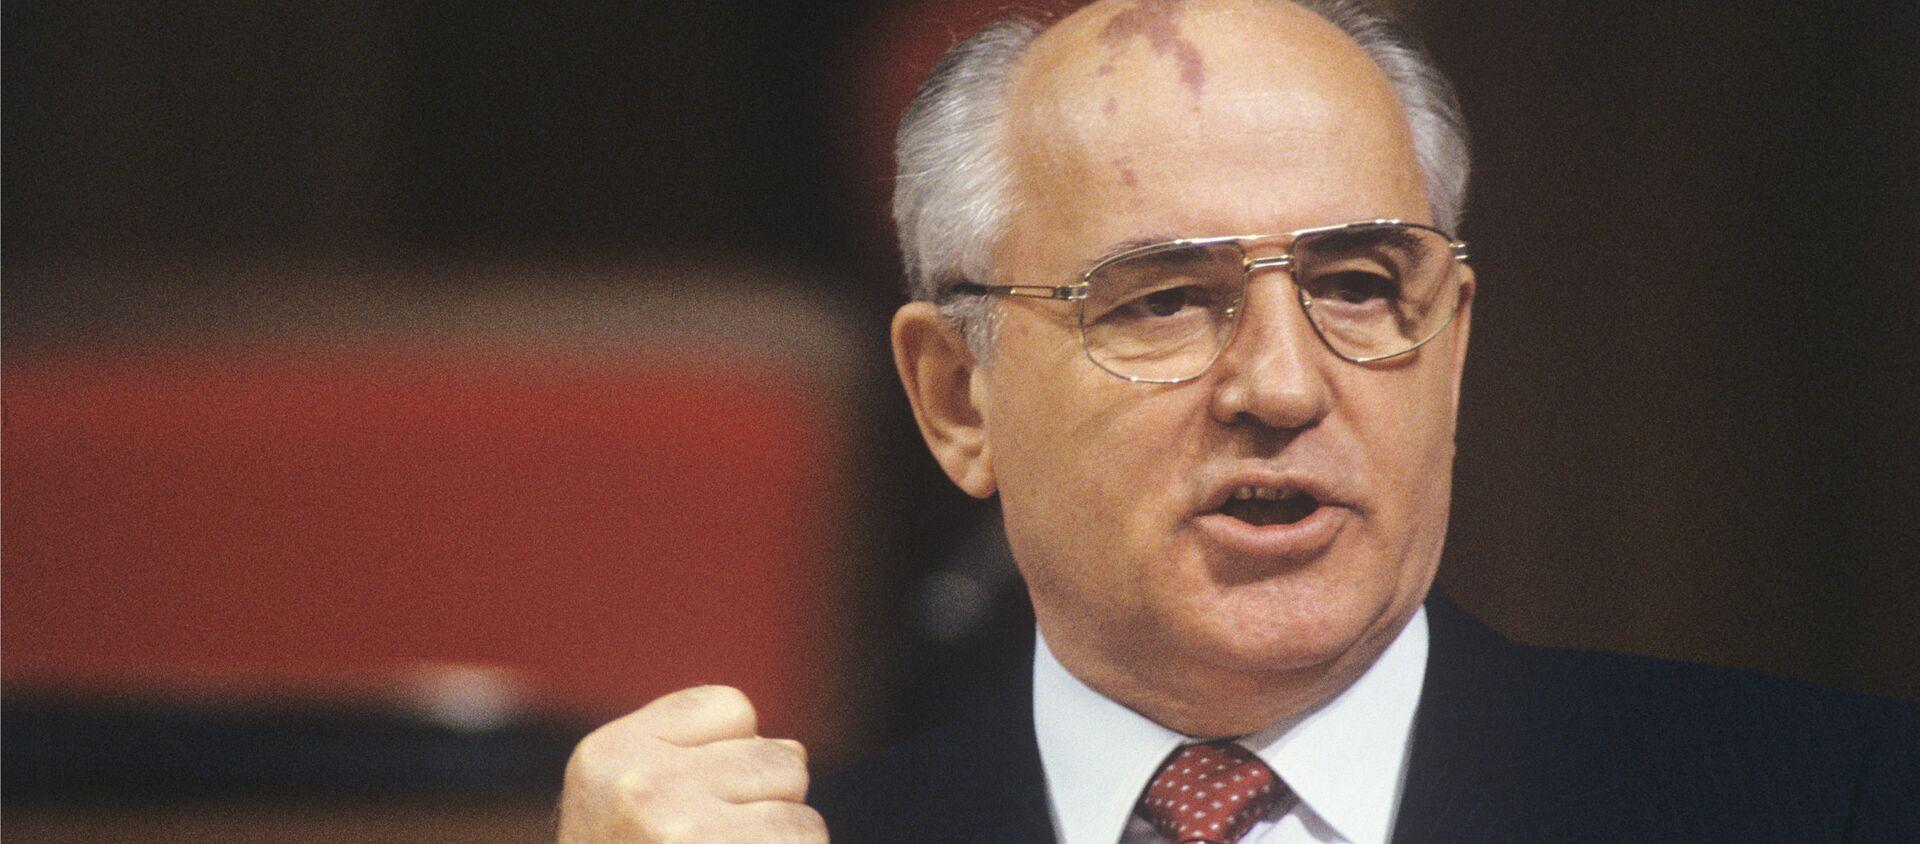 Mikhail Sergeyevich Gorbachev - Sputnik Việt Nam, 1920, 30.09.2020